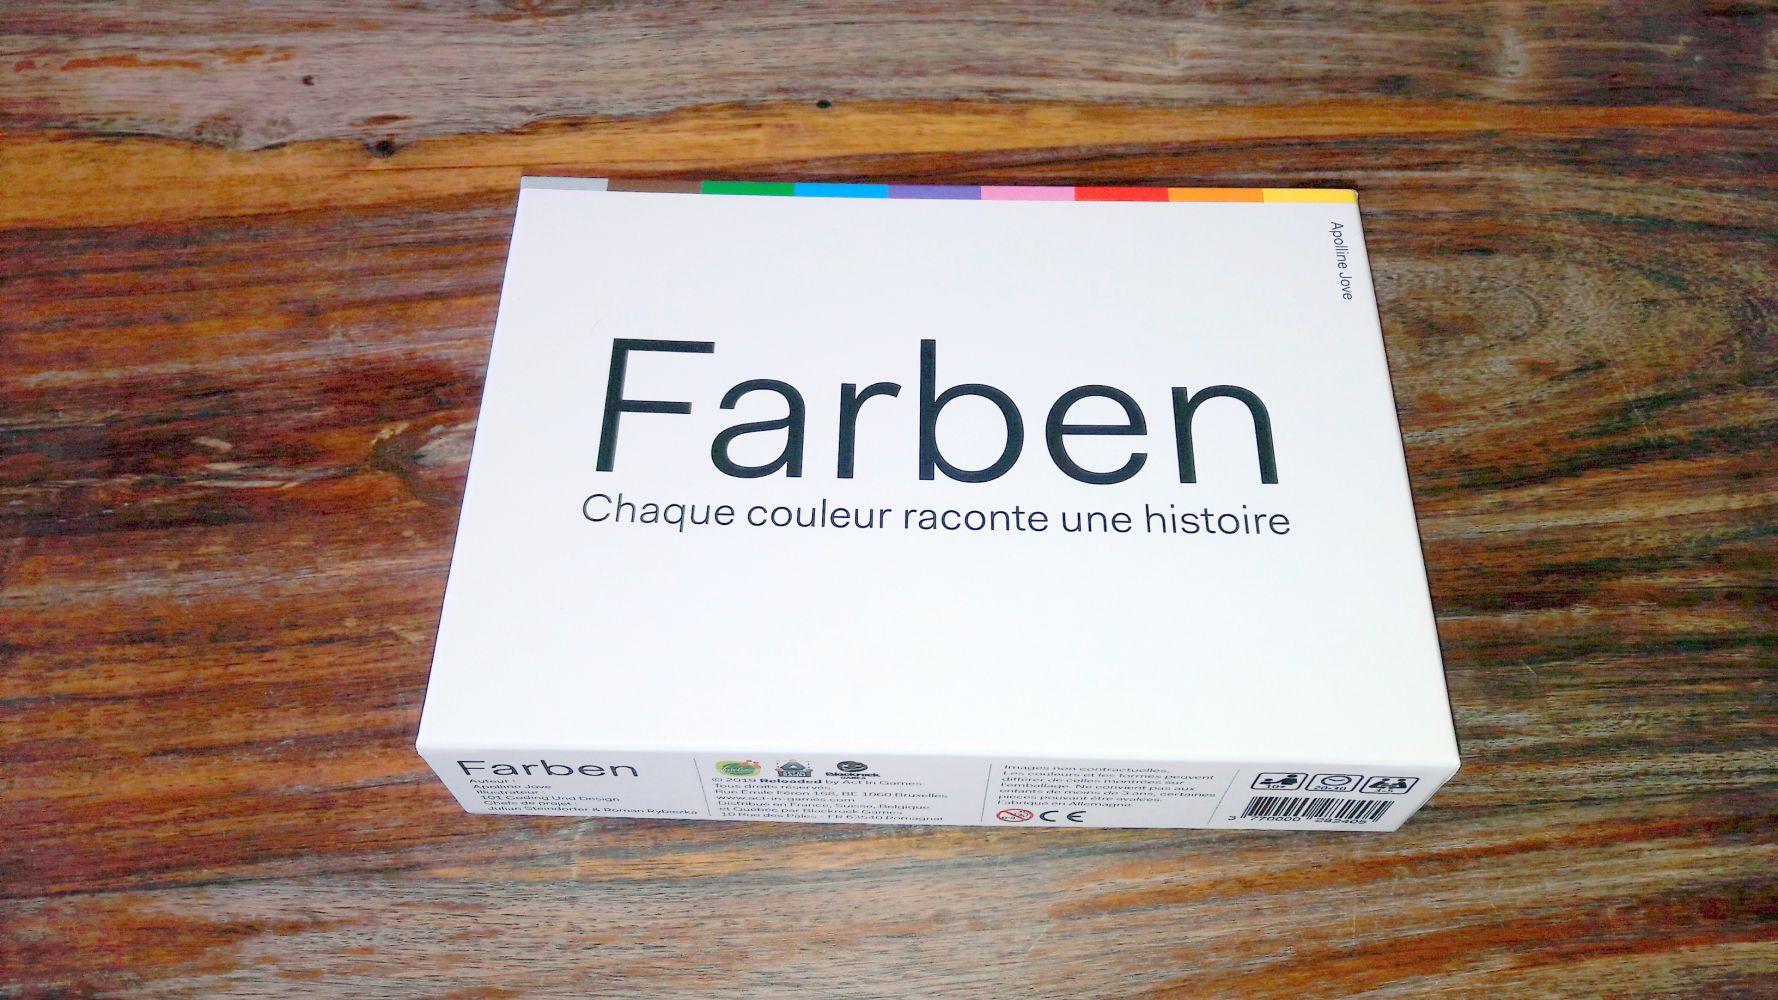 La boite est aussi sobre que la matériel : un mot sur fond blanc et des couleurs !